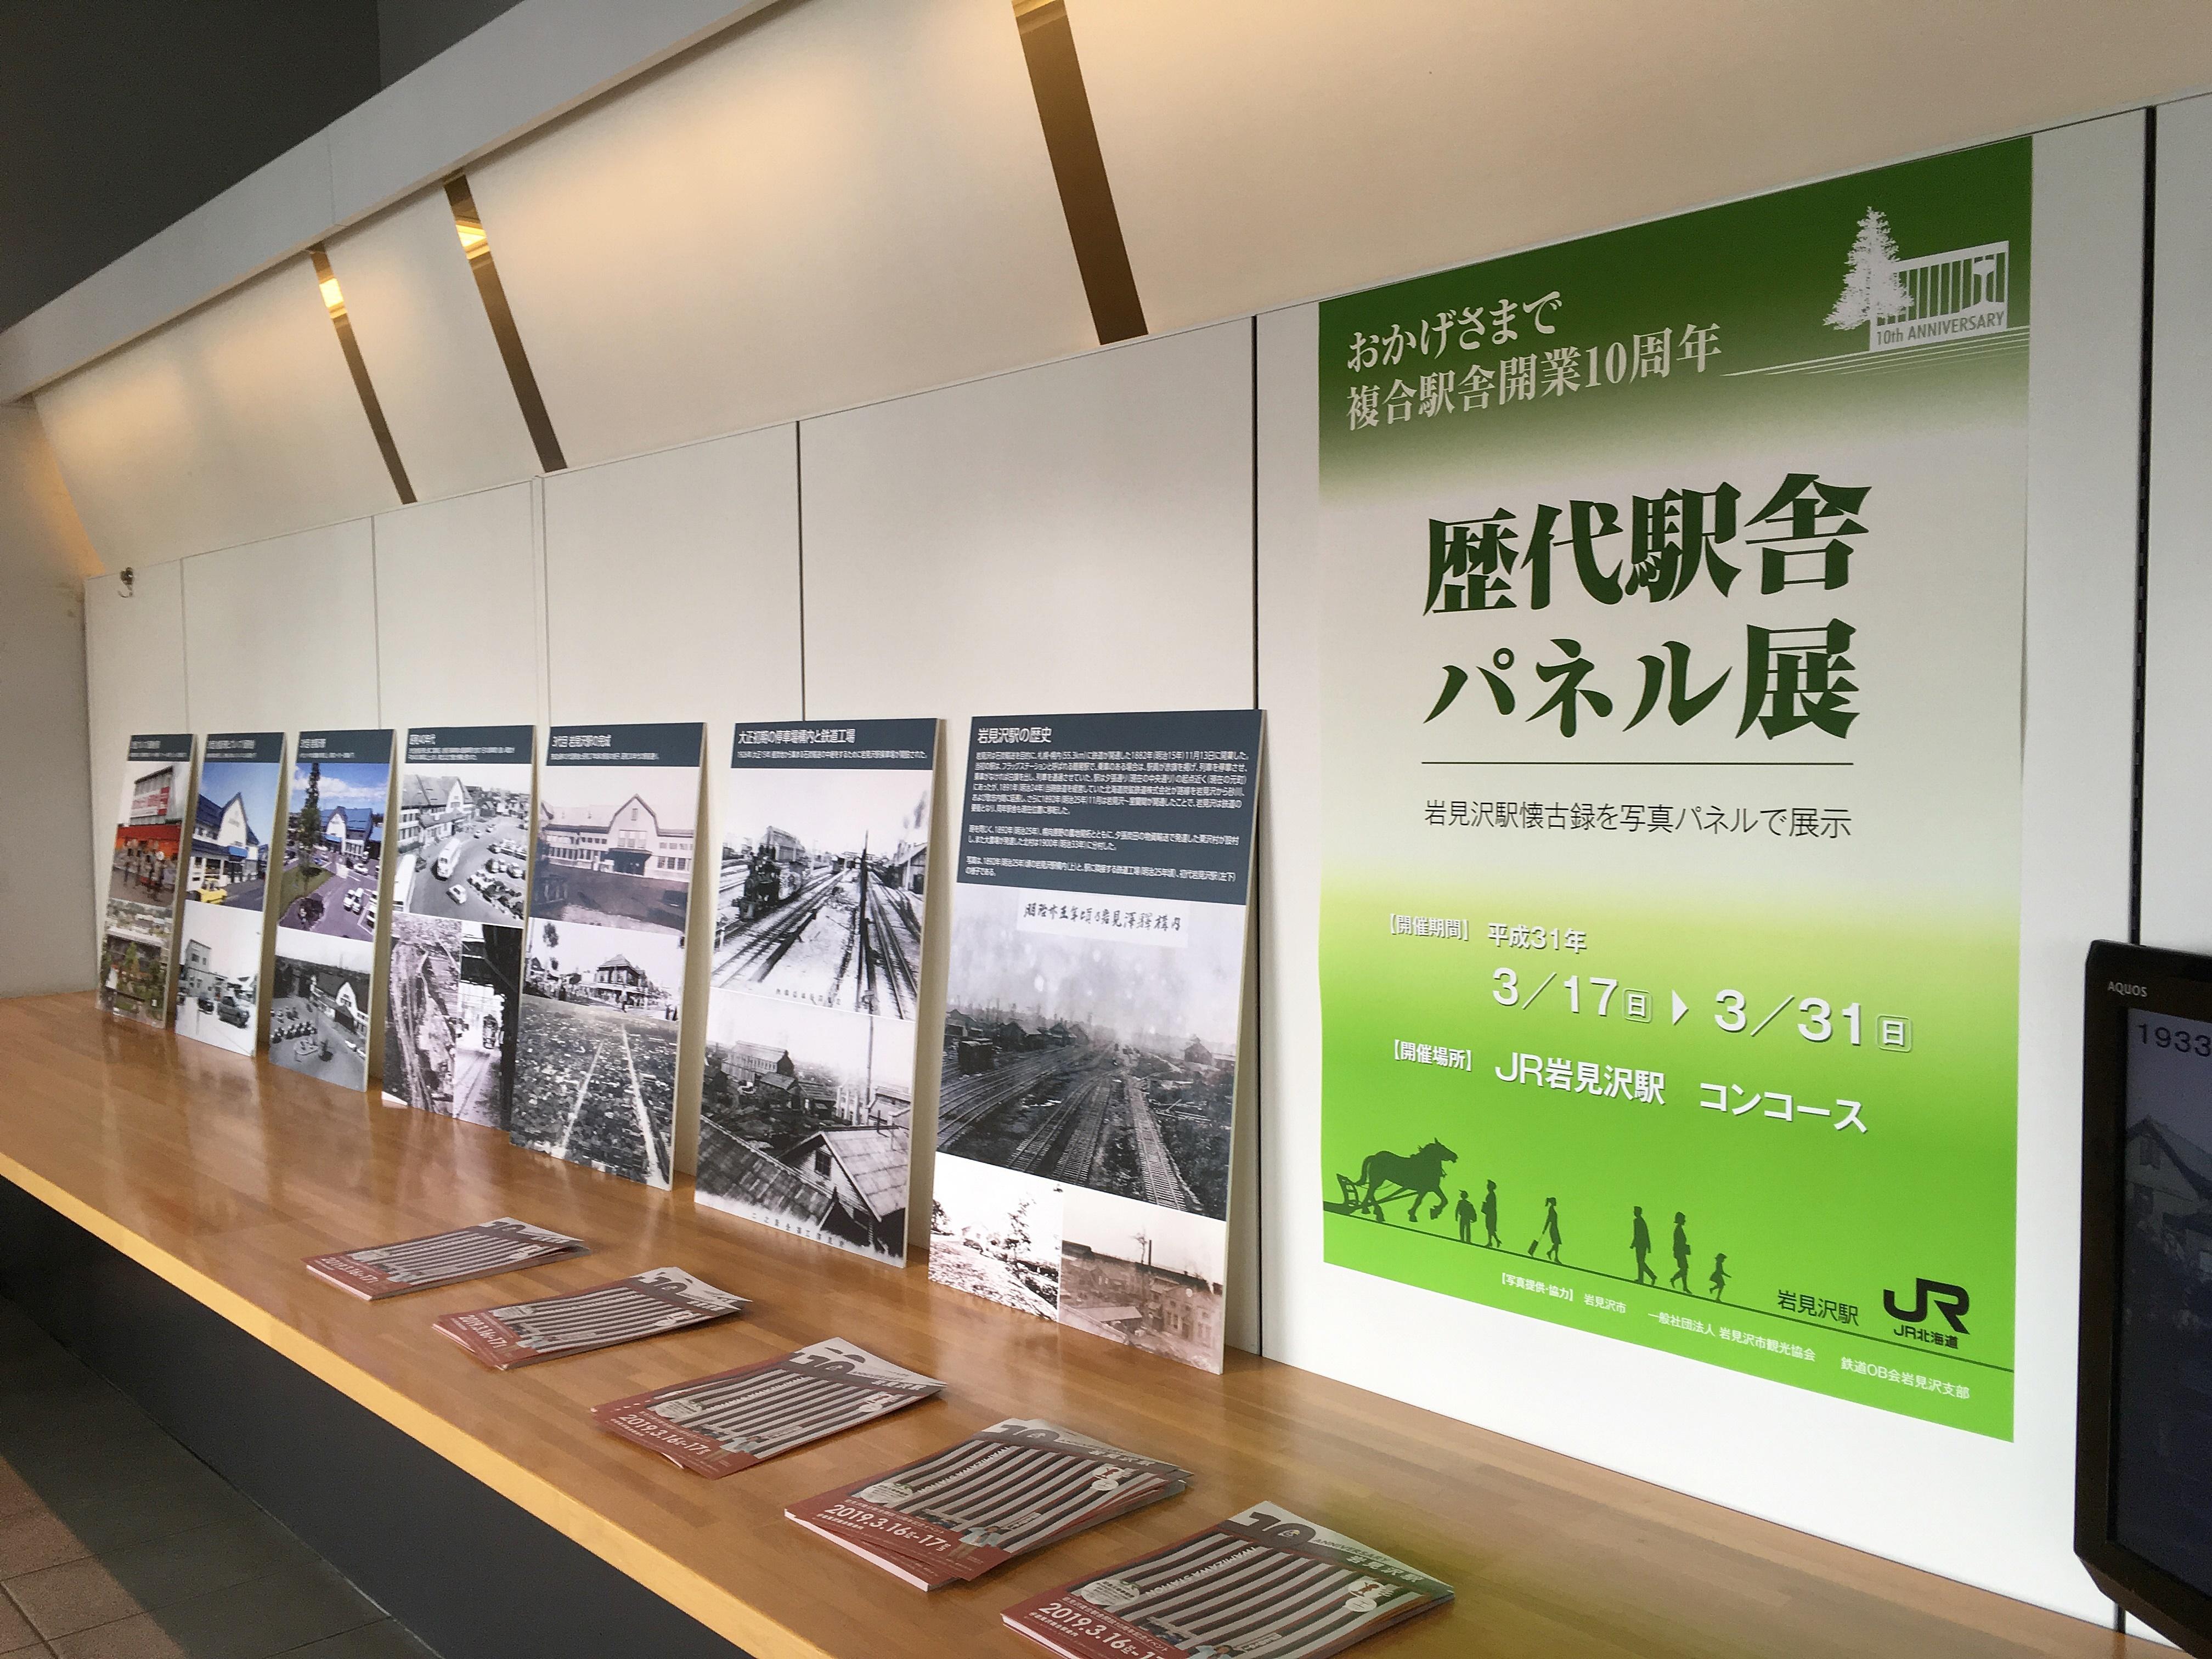 岩見沢駅複合駅舎 開業10周年記念パネル展示.JPG